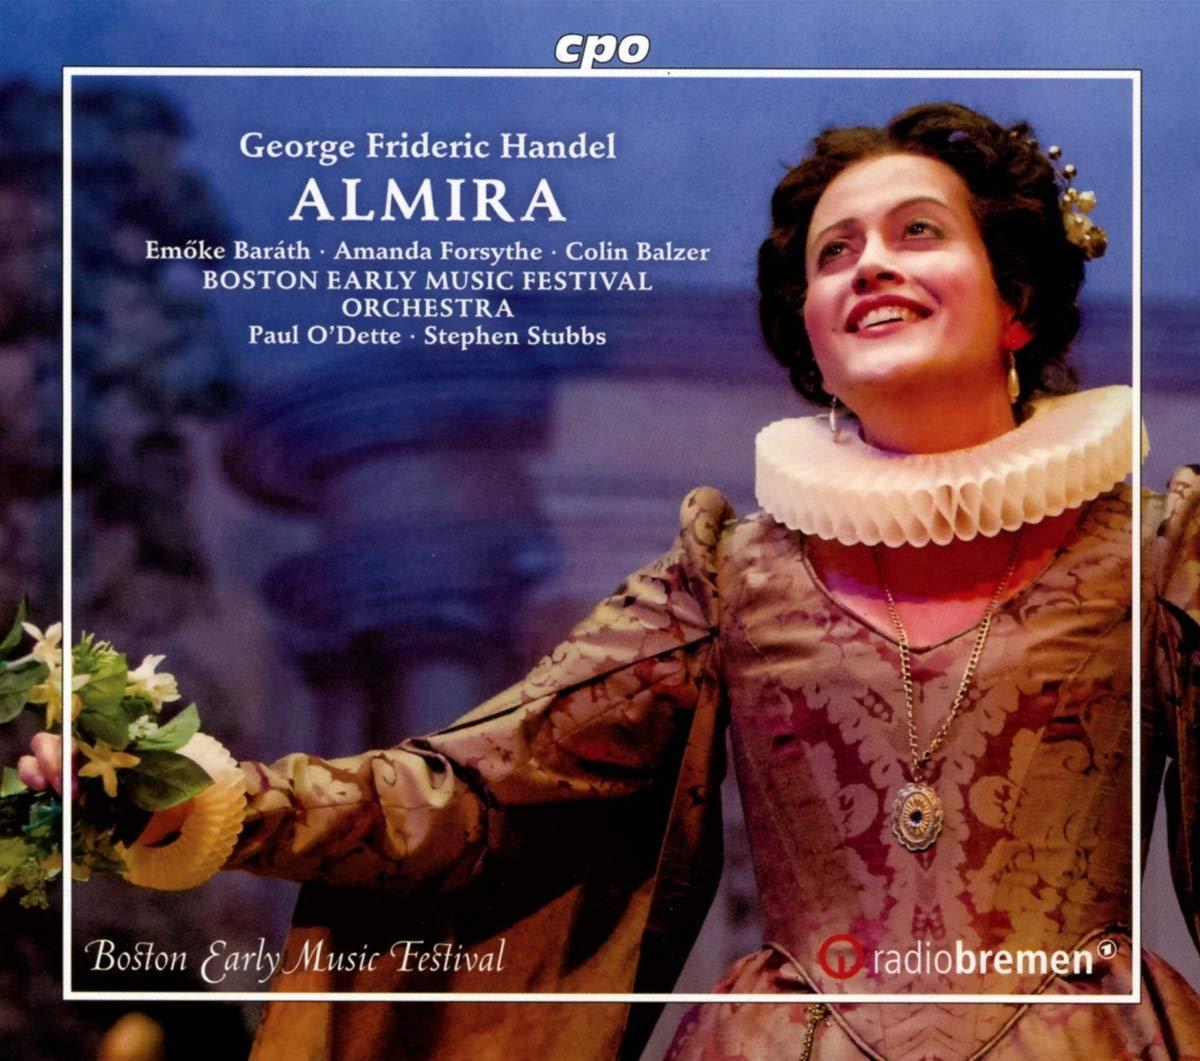 Review of HANDEL Almira (O'Dette & Stubbs)